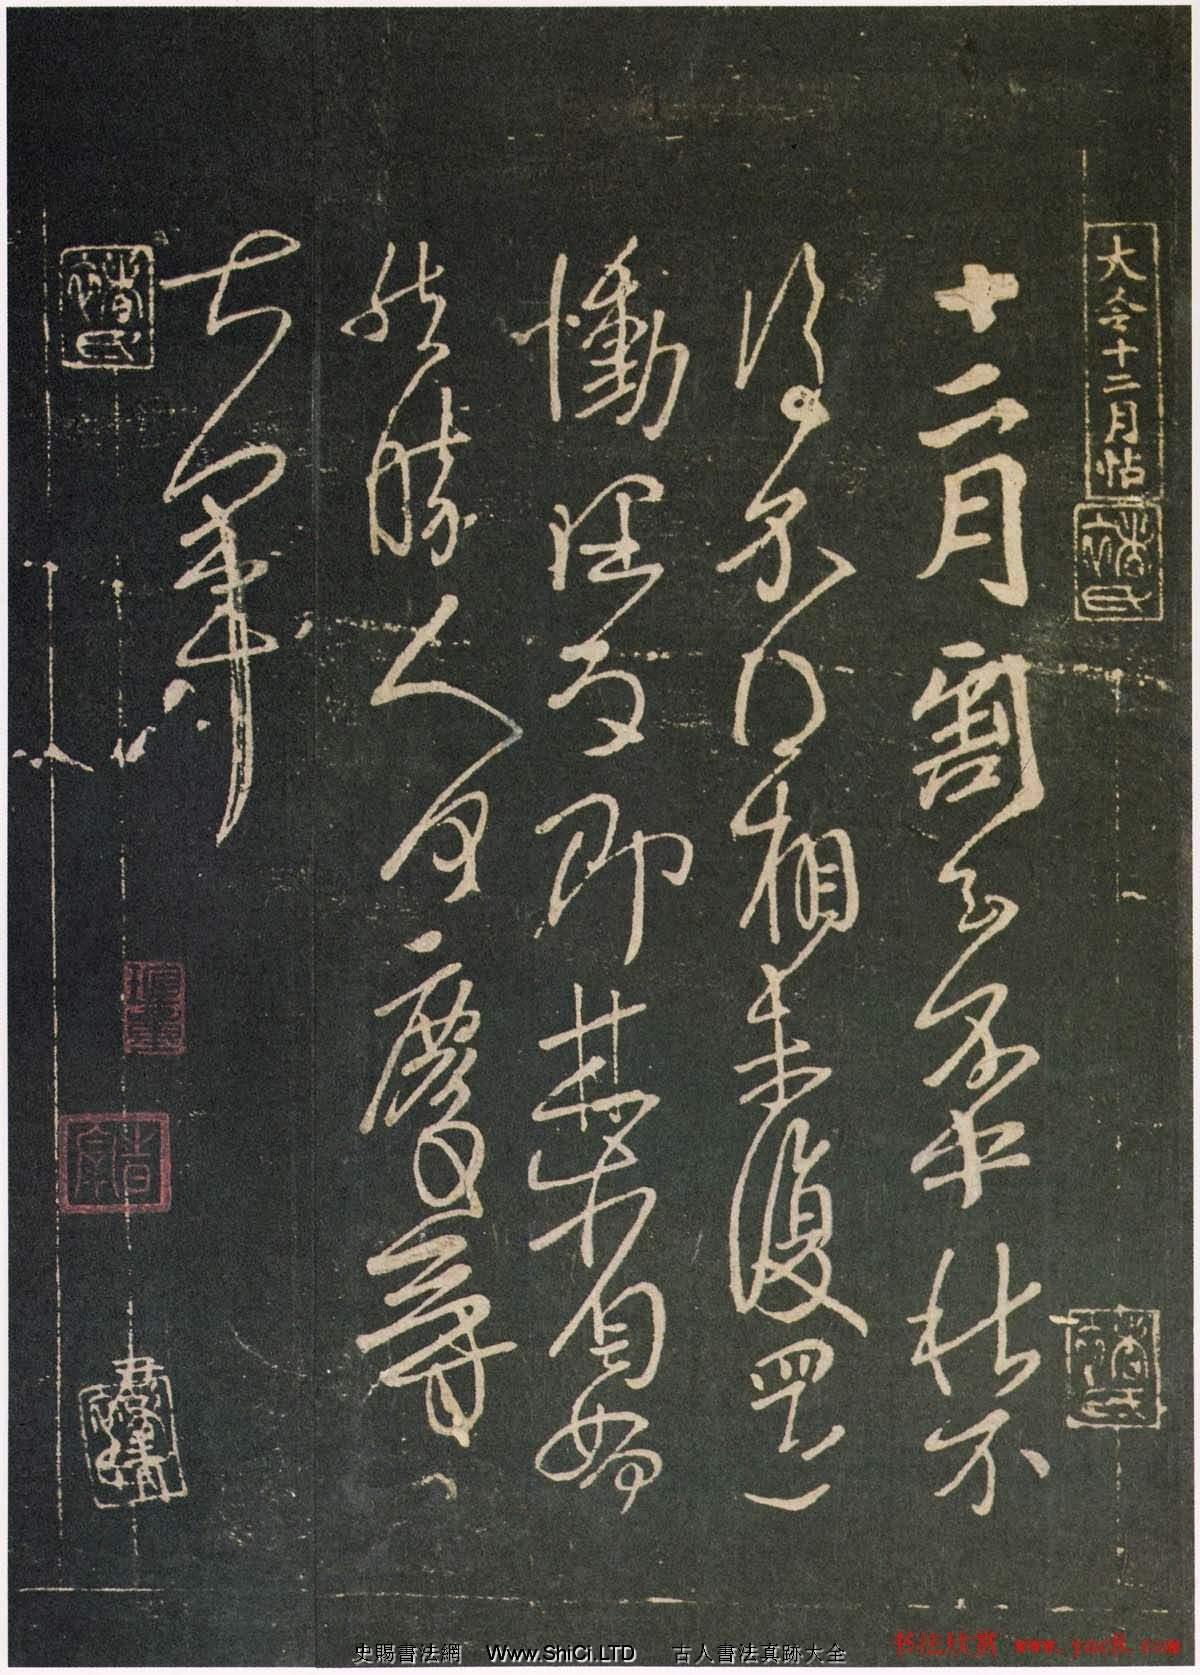 王獻之草書作品真跡欣賞十二月帖(共5張圖片)